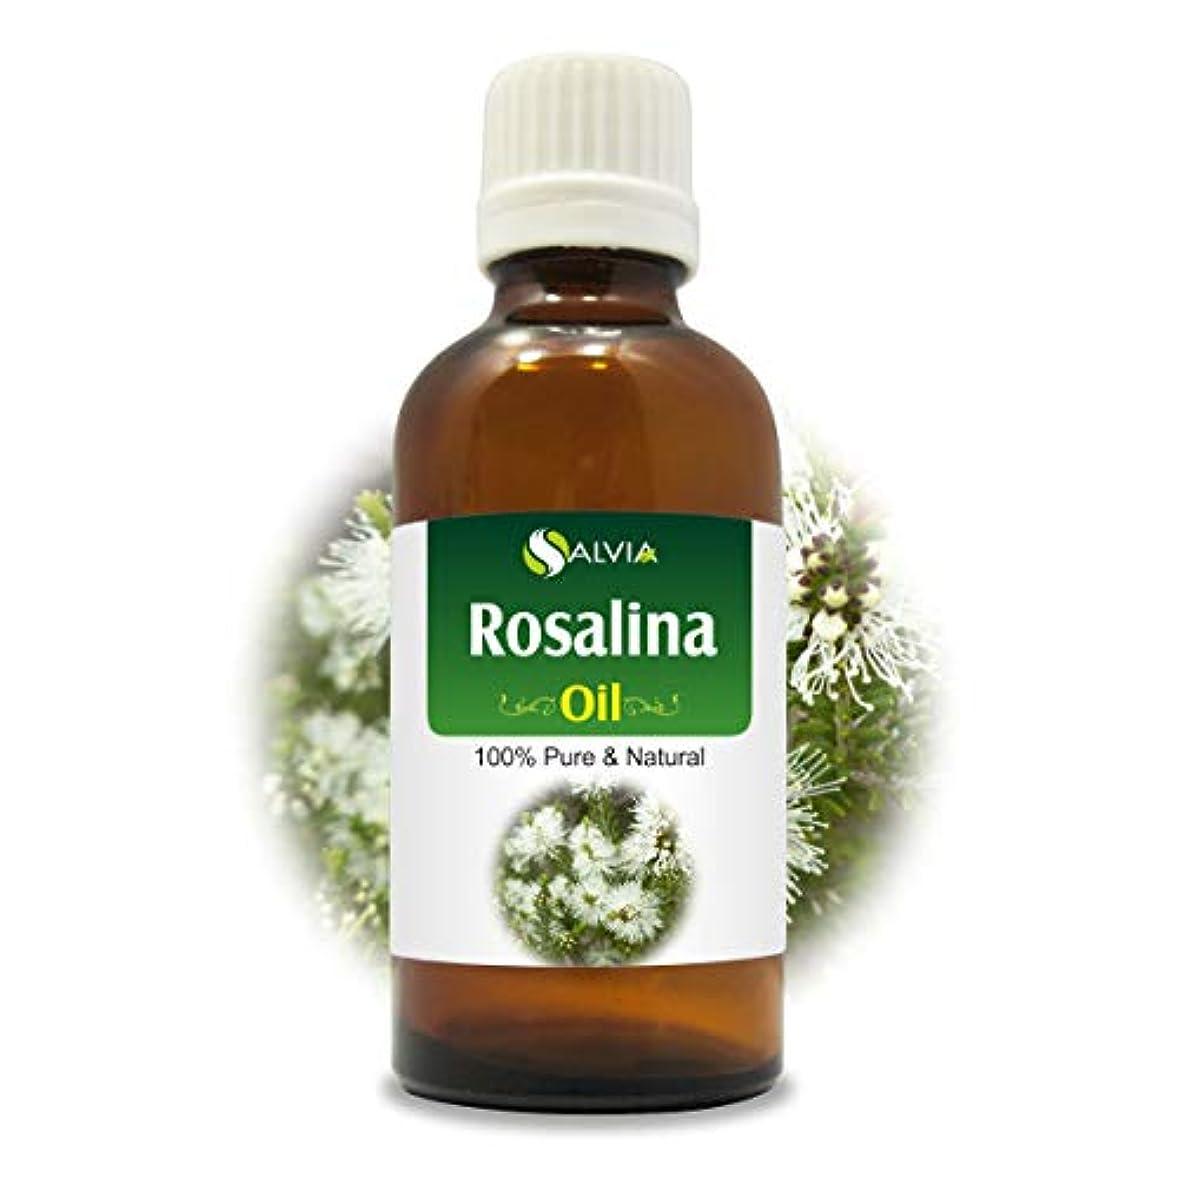 窒素没頭する見分けるRosalina Oil (Melaleuca ericifolia) 100% Natural Pure Undiluted Uncut Essential Oil 50ml